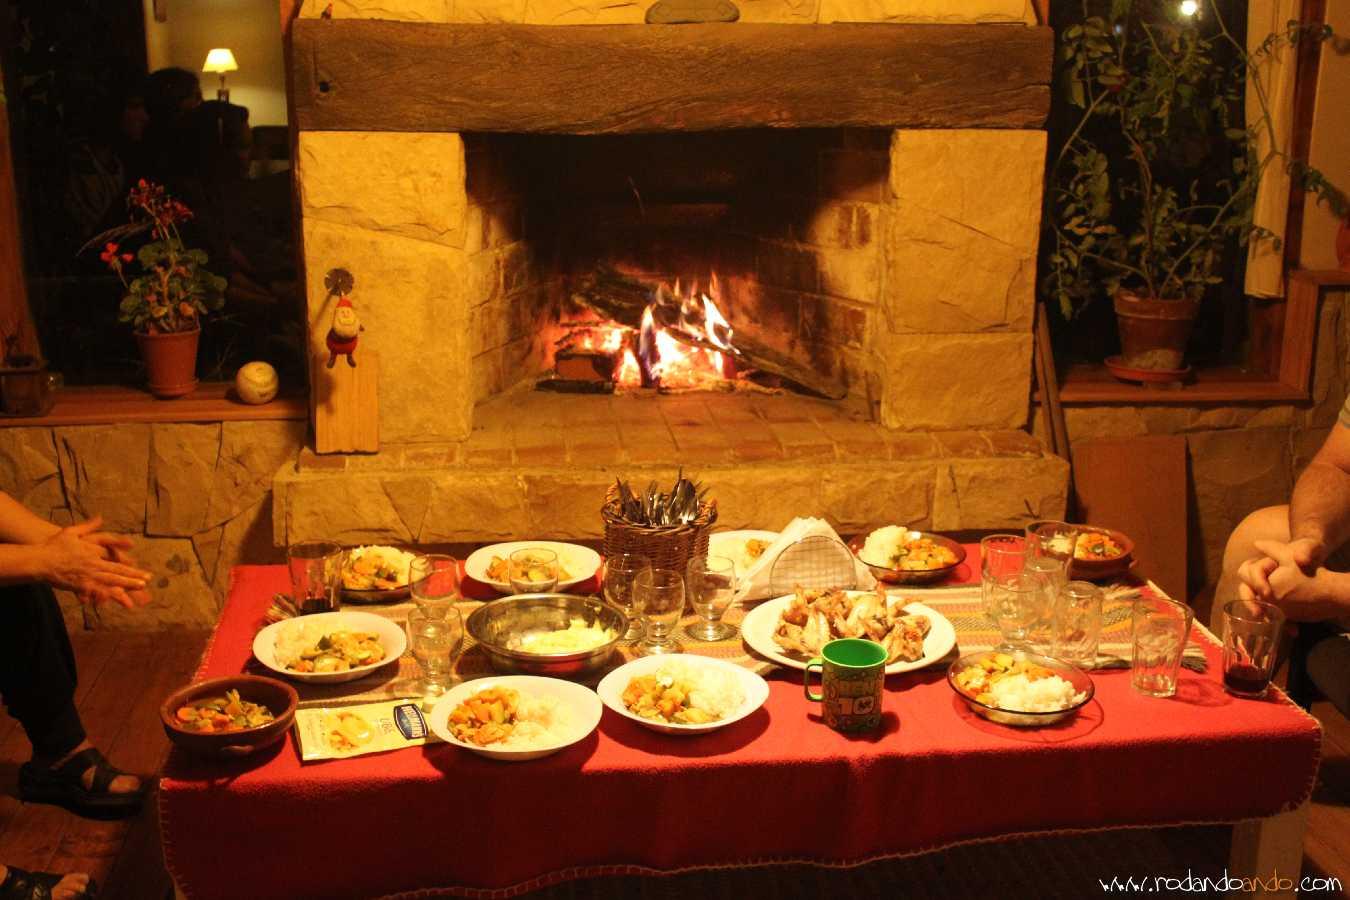 Una hermosa cena, y a pesar de estar en Febrero hacía frío a la noche